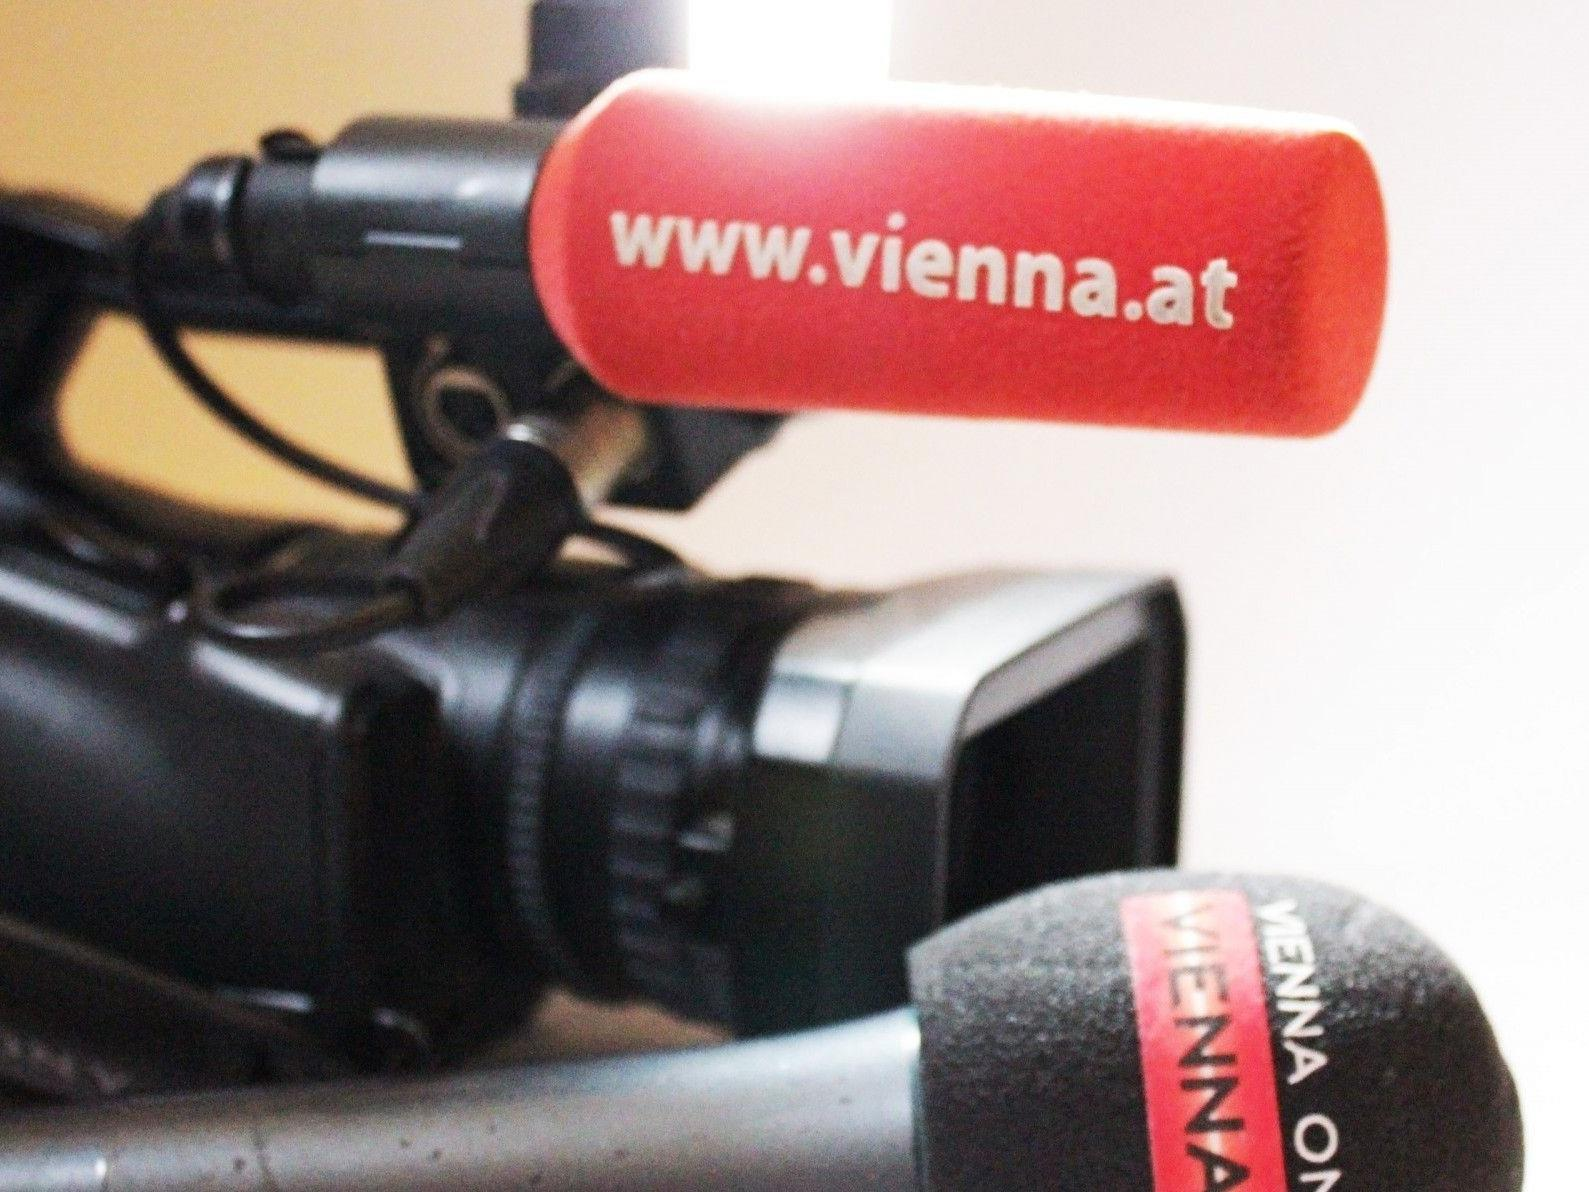 Das ist unser Video-Jahresrückblick 2012!